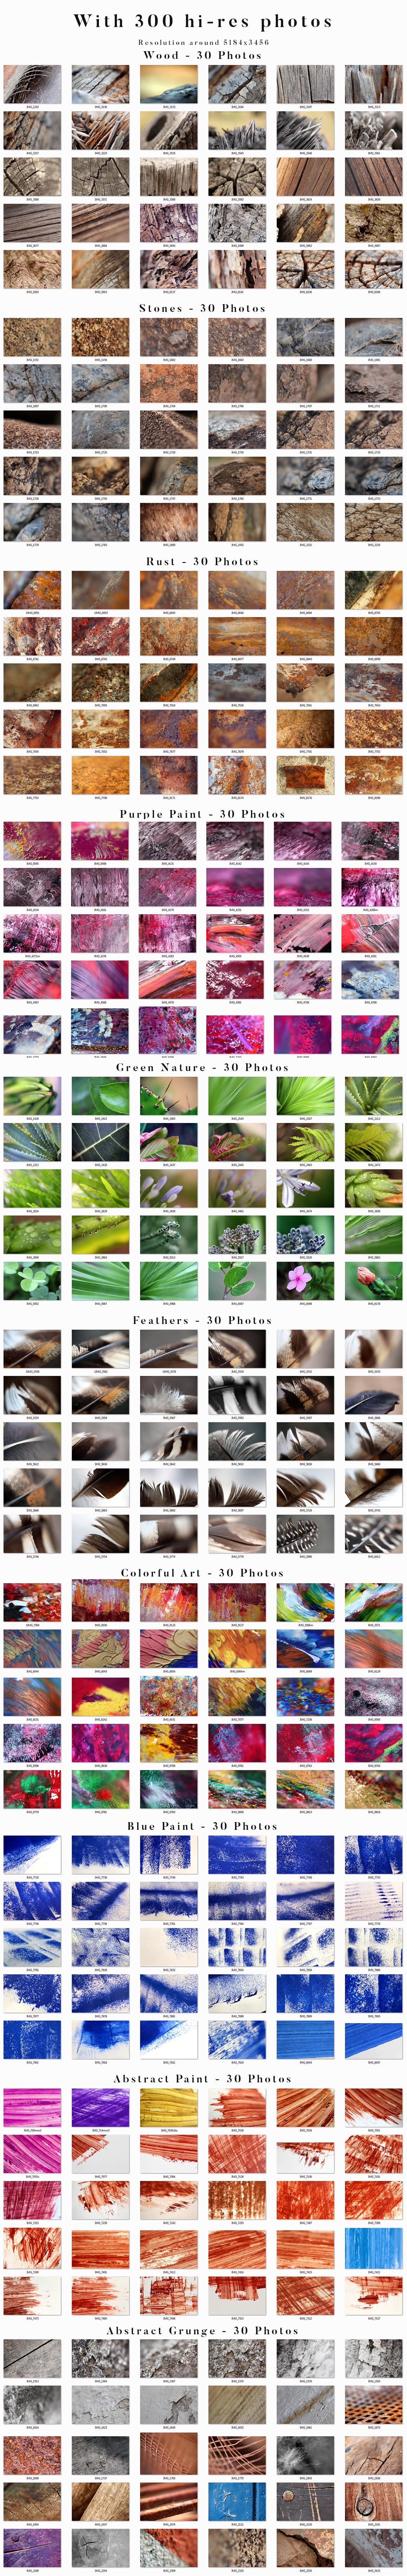 300 photos